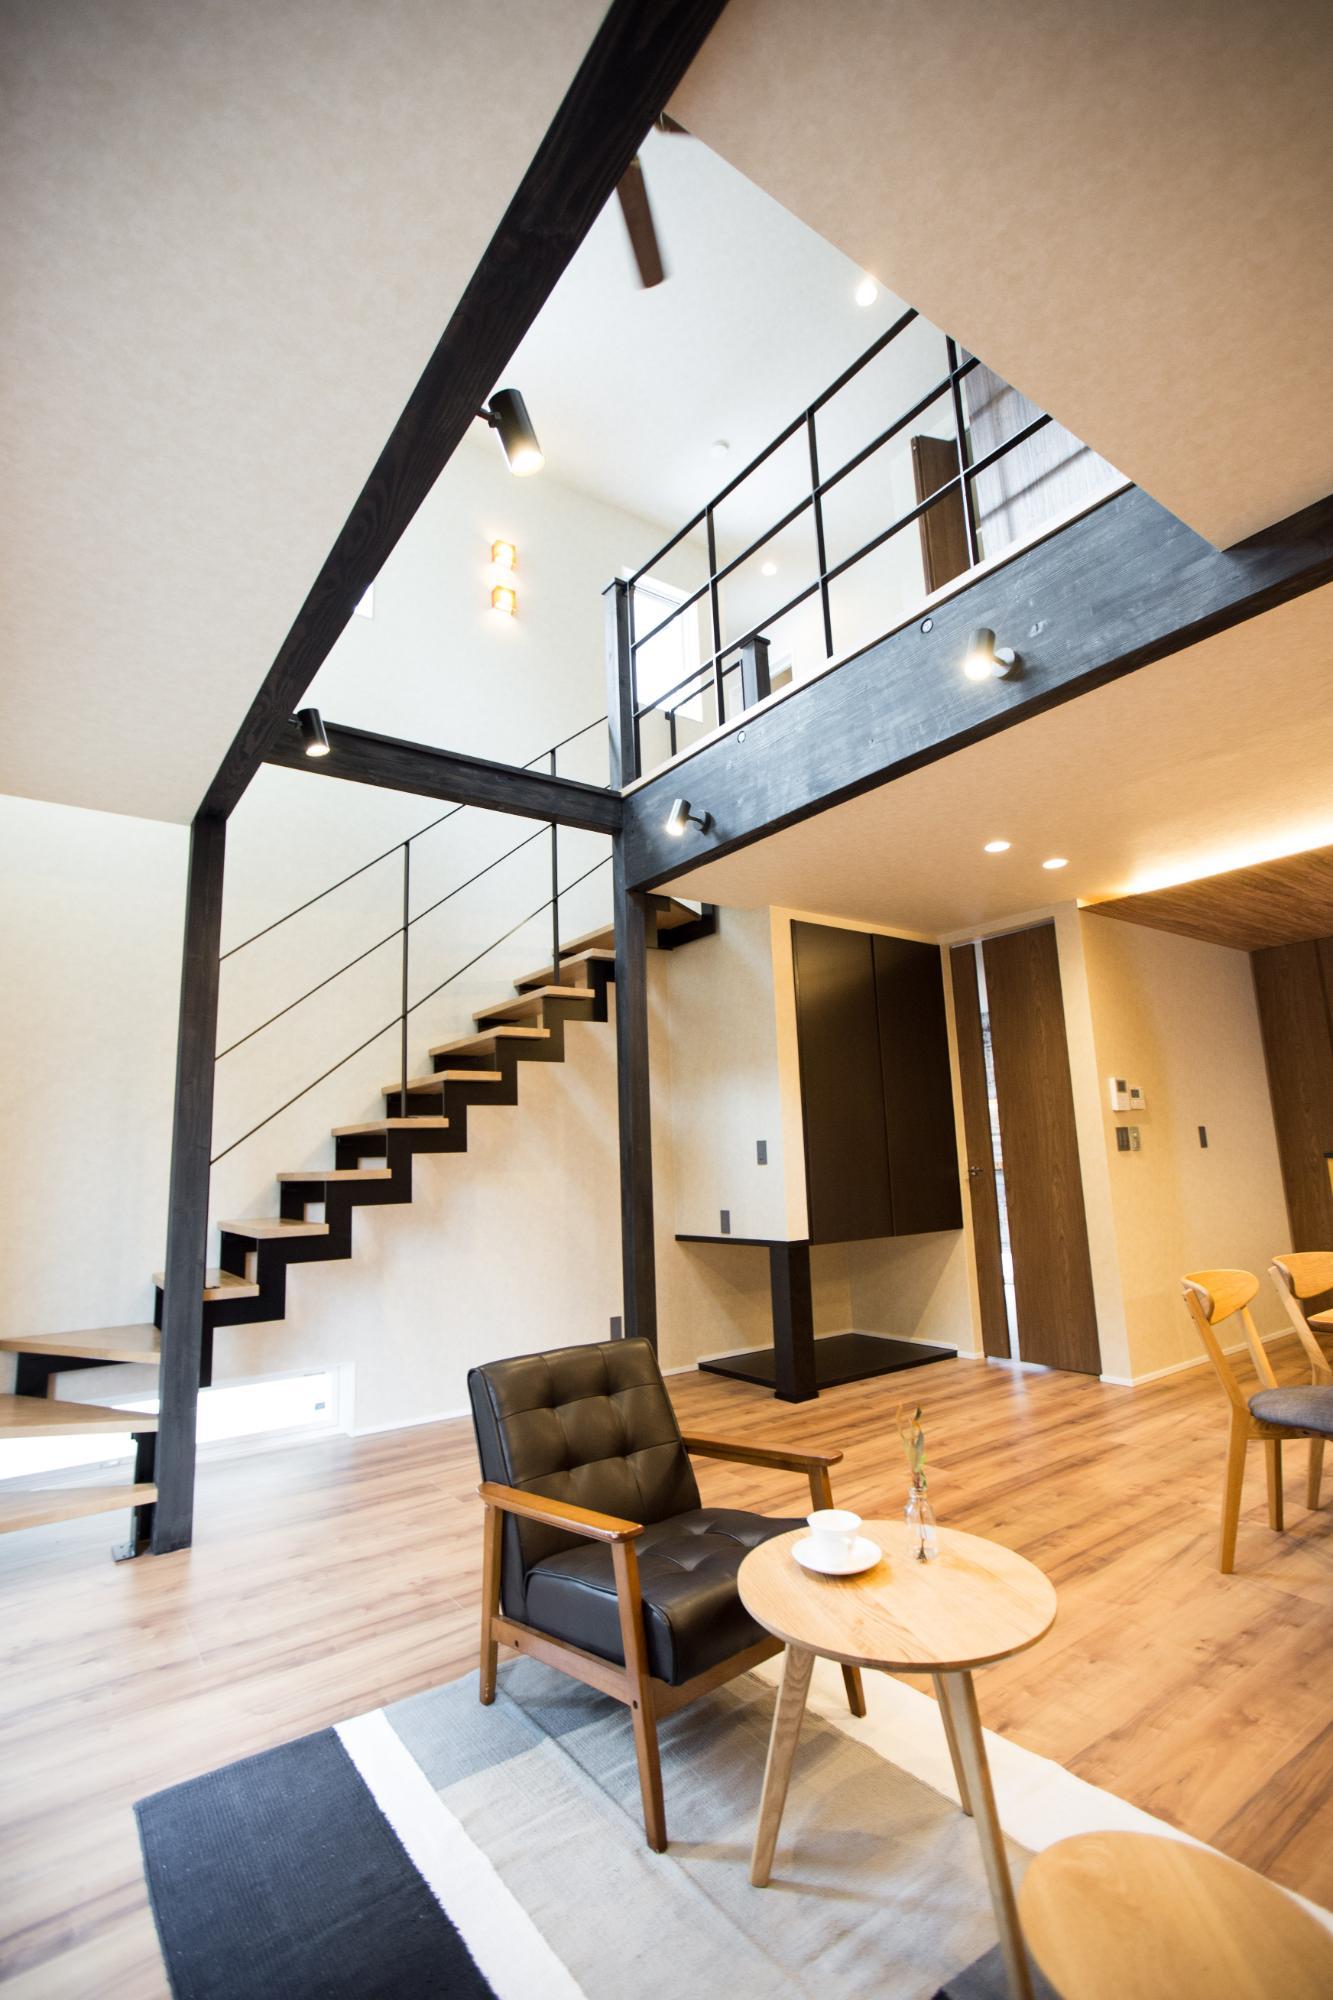 ニコハウス株式会社「ゆとり空間とこだわりが詰まったスタイリッシュハウス」のモダンなリビング・ダイニングの実例写真